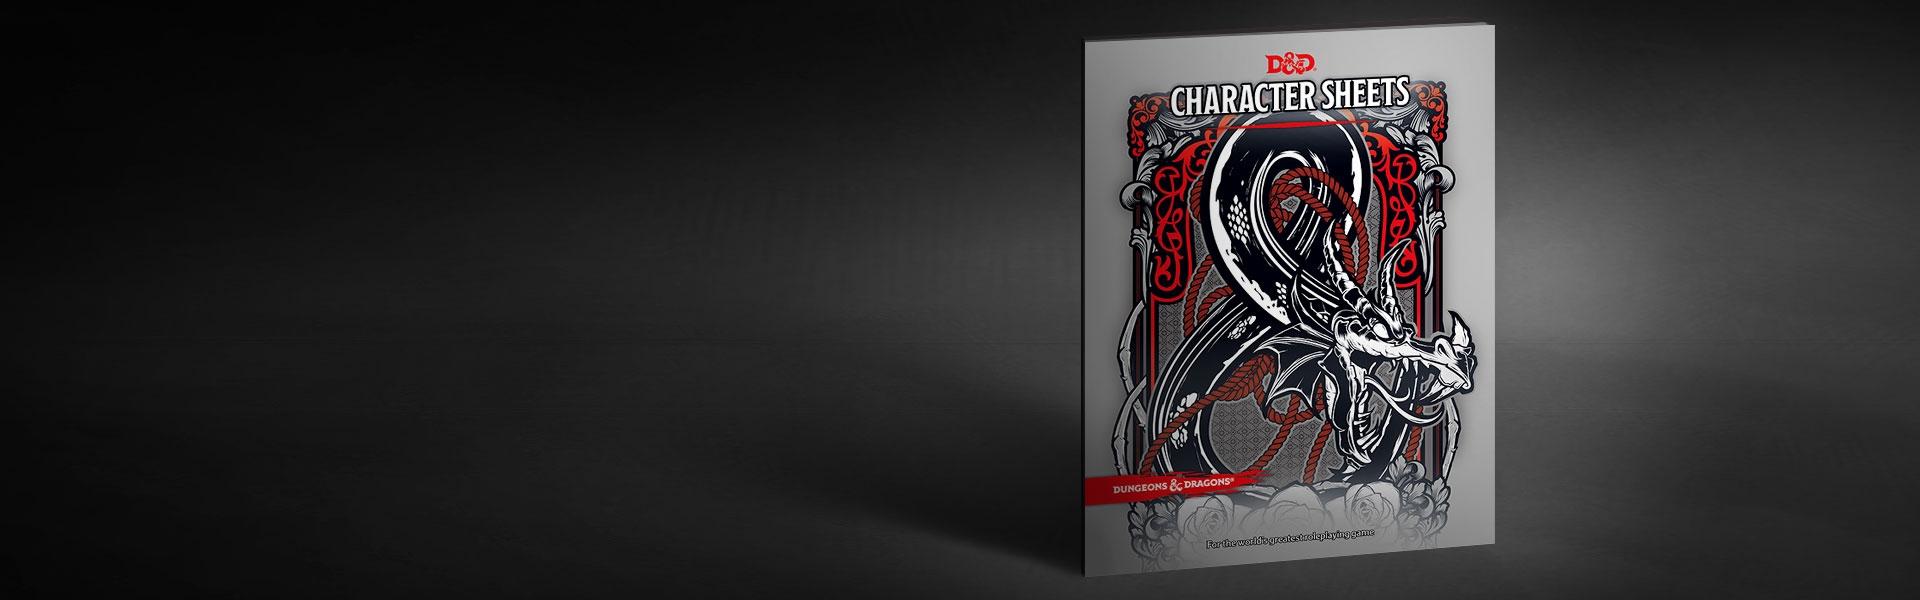 D&D Character Sheets